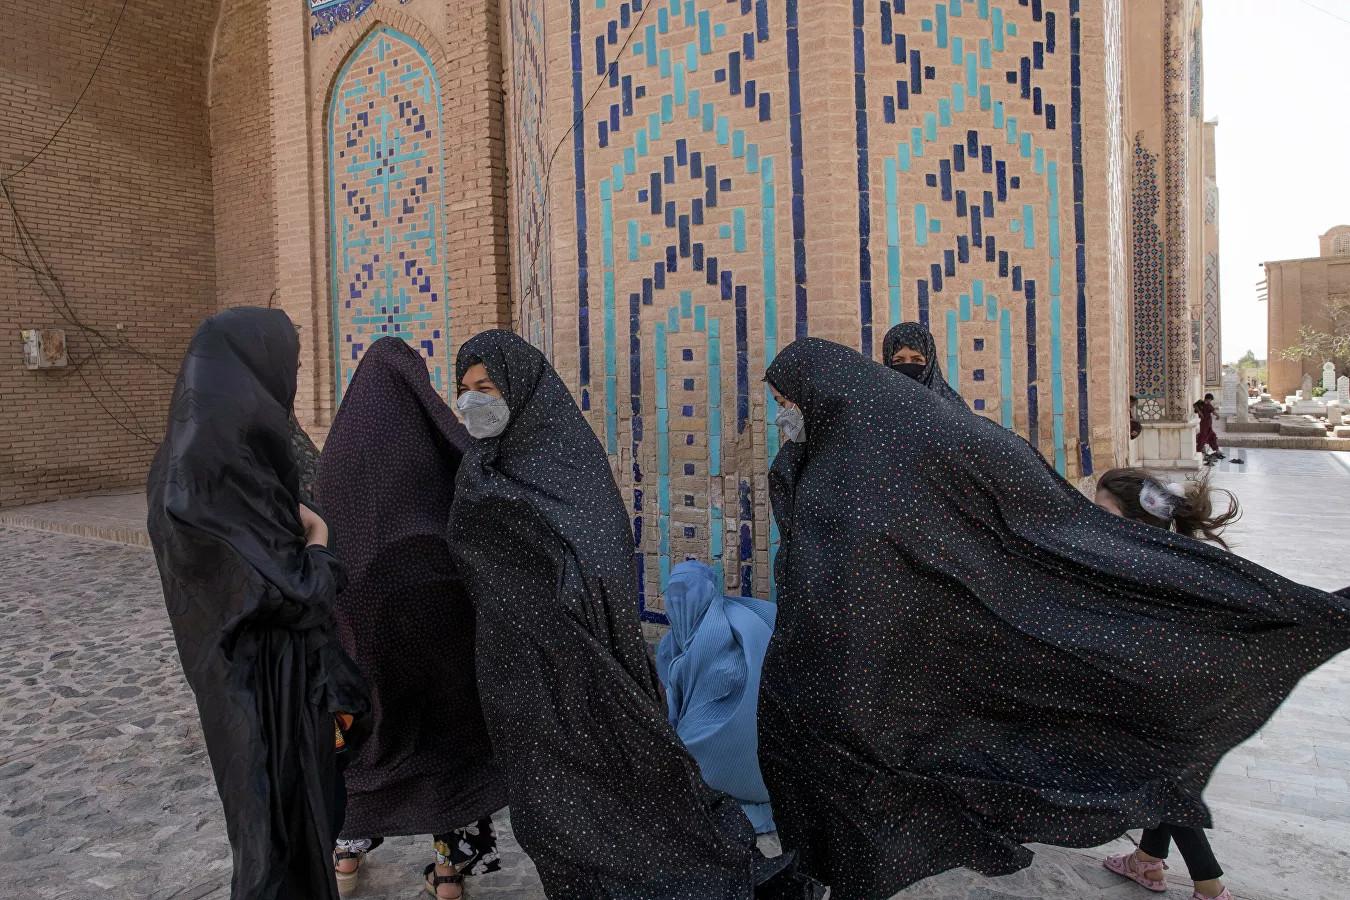 Trò hề của Taliban: Cấm phụ nữ không được làm việc tại Bộ Phụ nữ Afghanistan, chỉ đàn ông được vào - Ảnh 1.